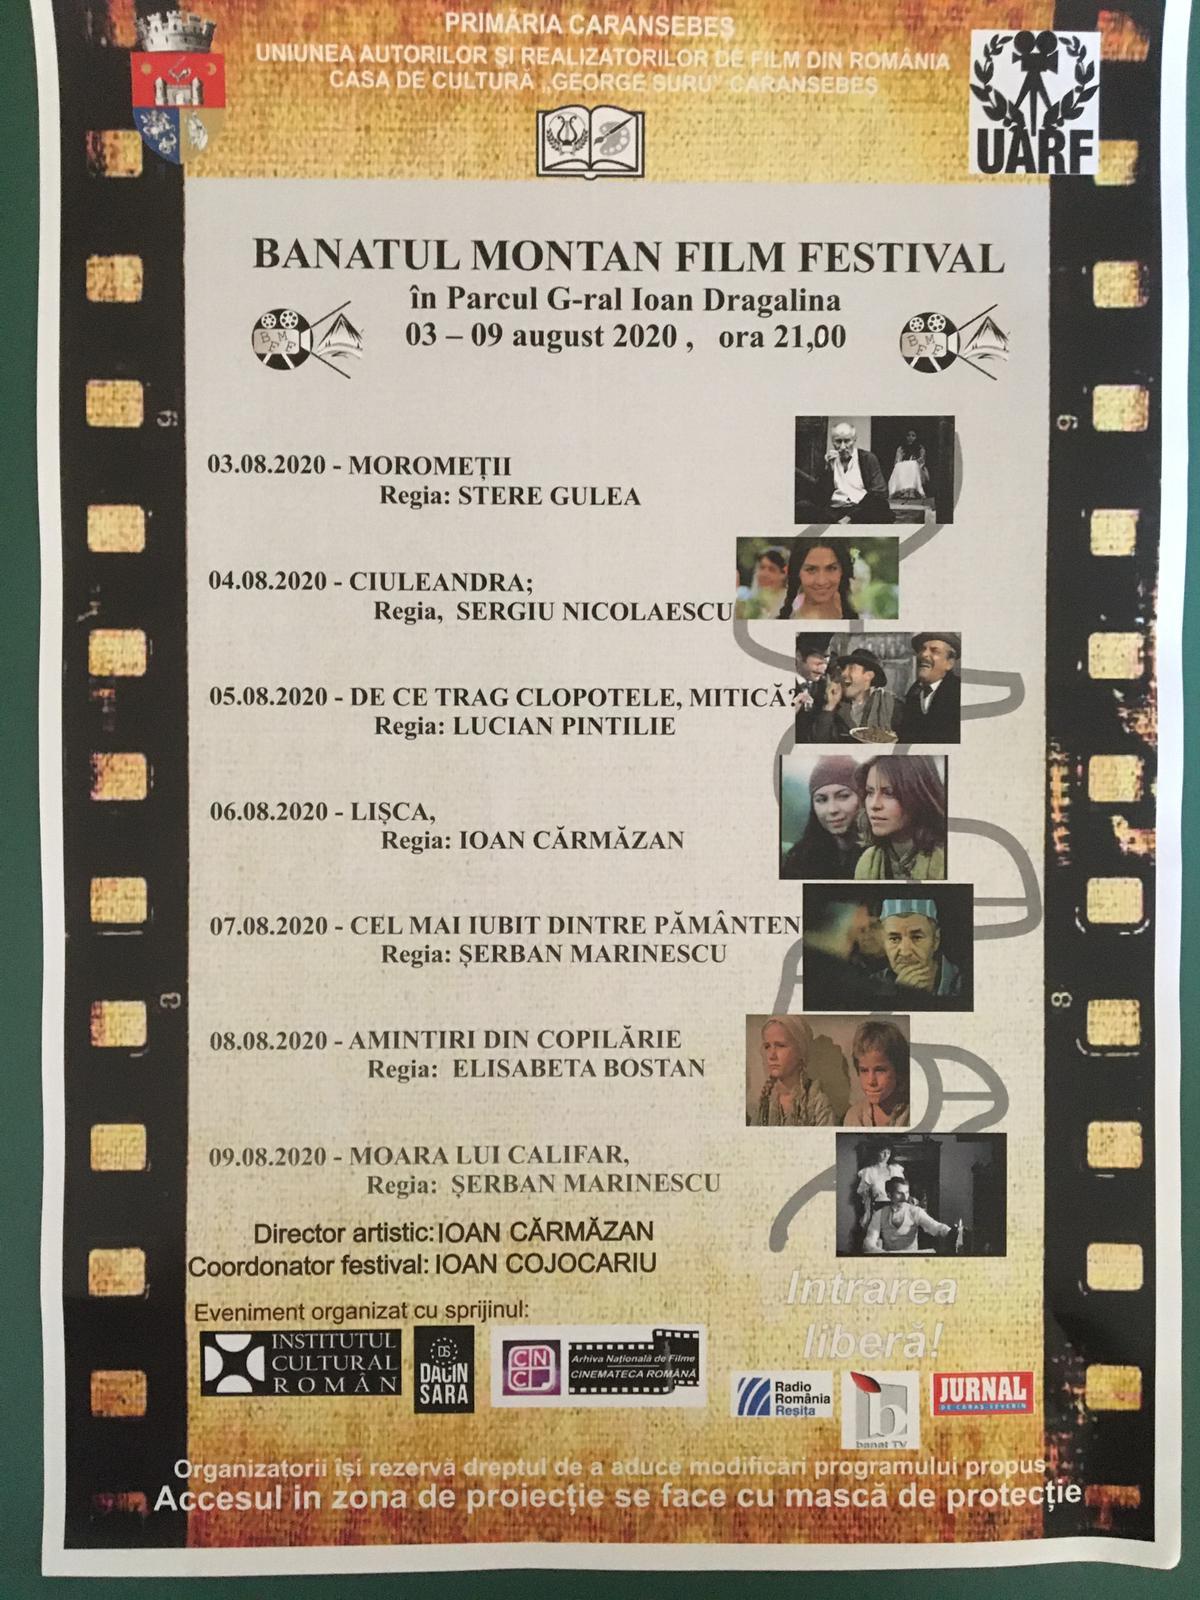 caransebes film festival